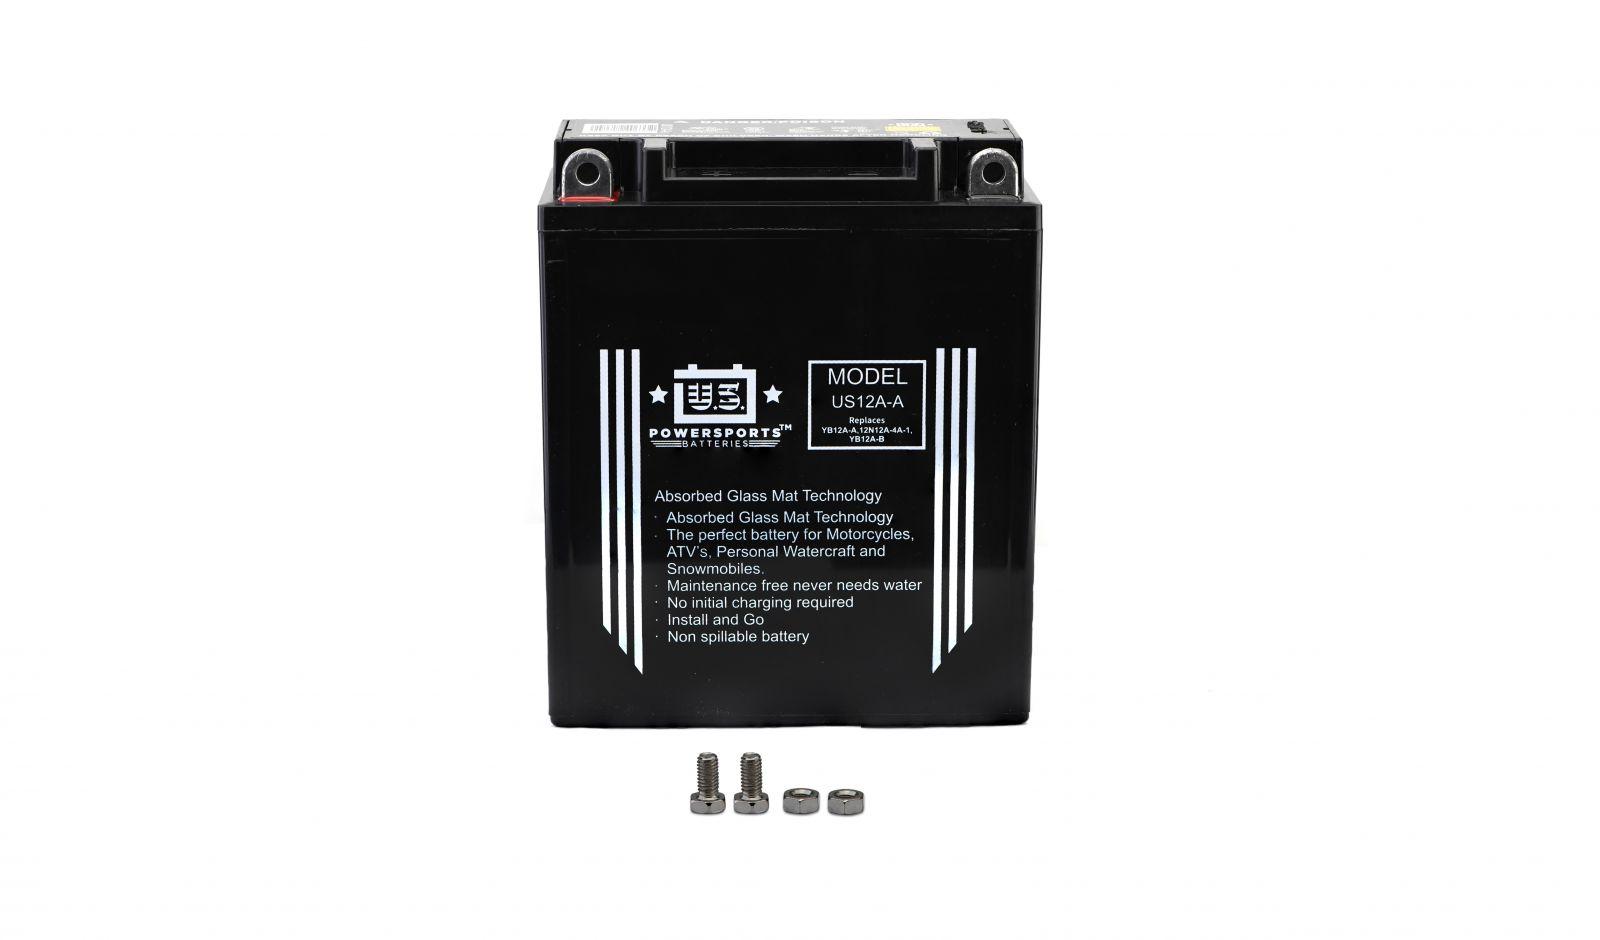 Us Powersports Sealed Battery - 501120U image